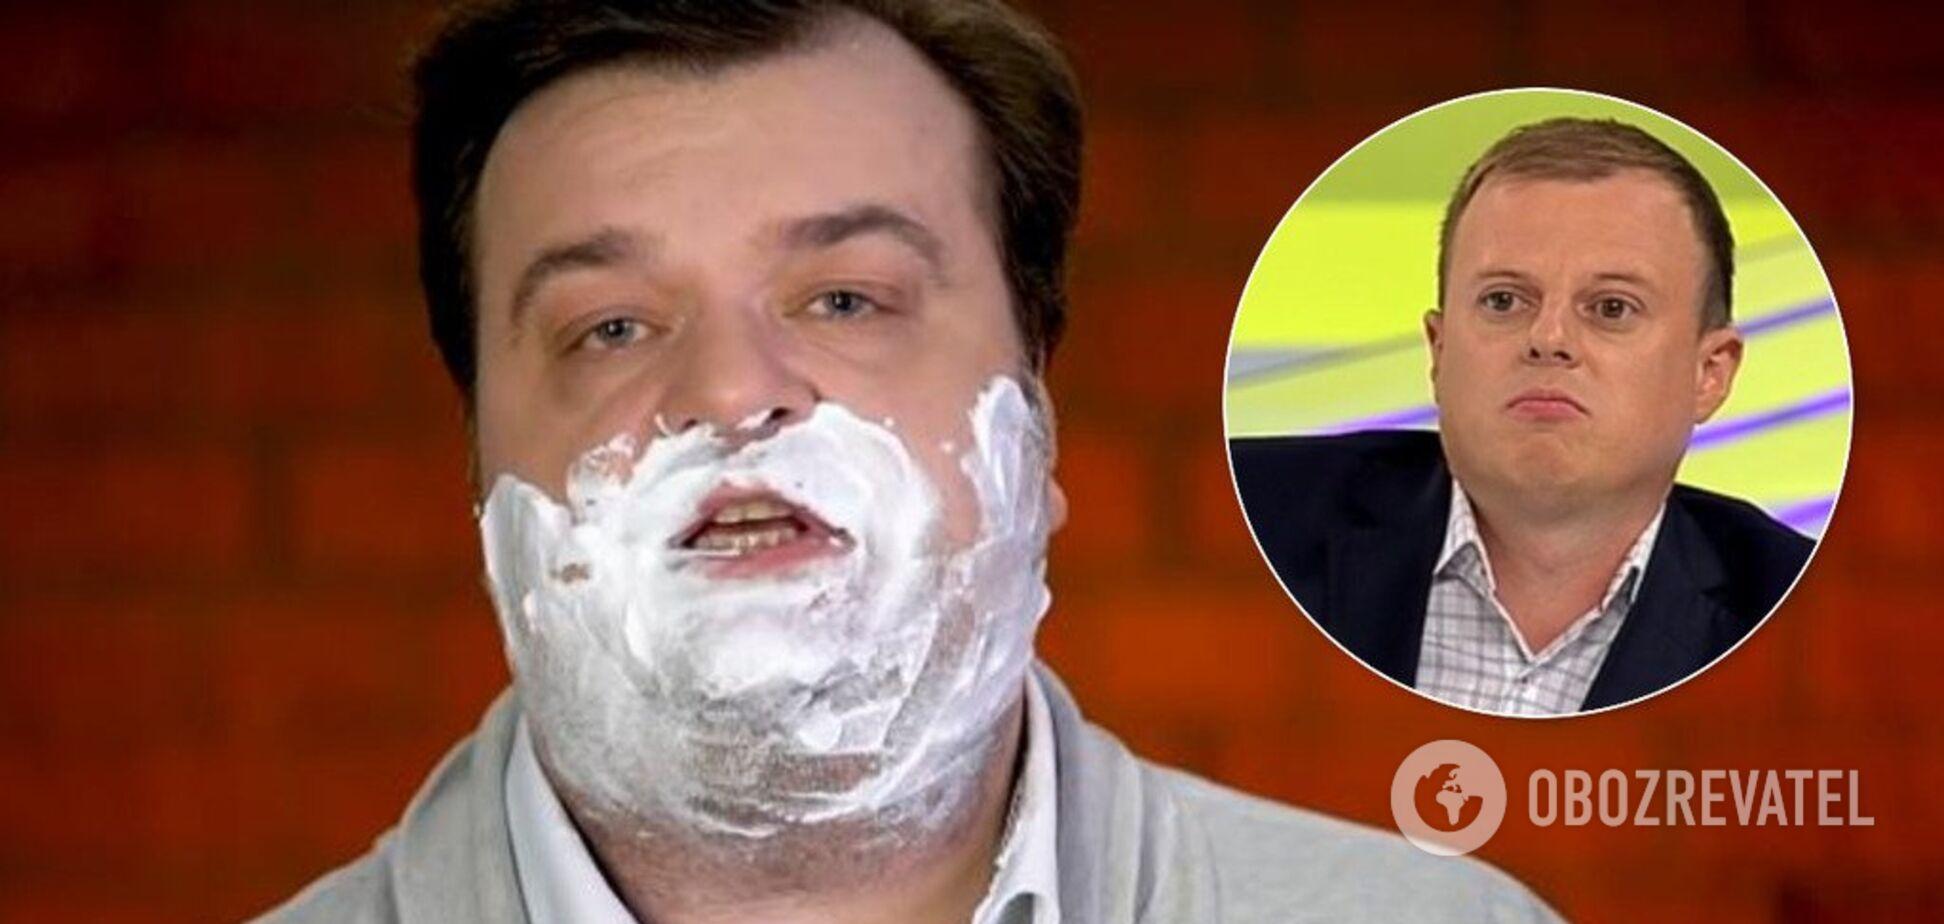 С угрозами! В России закатили дикую истерику после слов Вацко про сборную